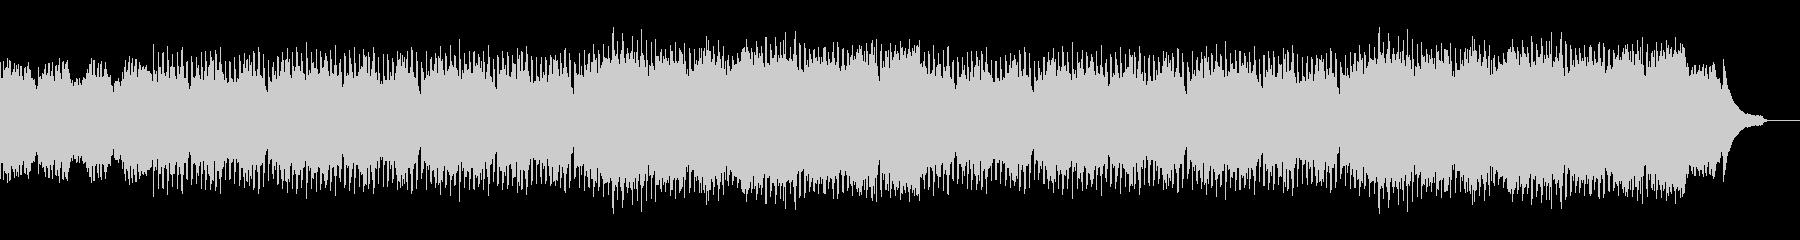 企業VP124、爽快、シンプル、ピアノaの未再生の波形